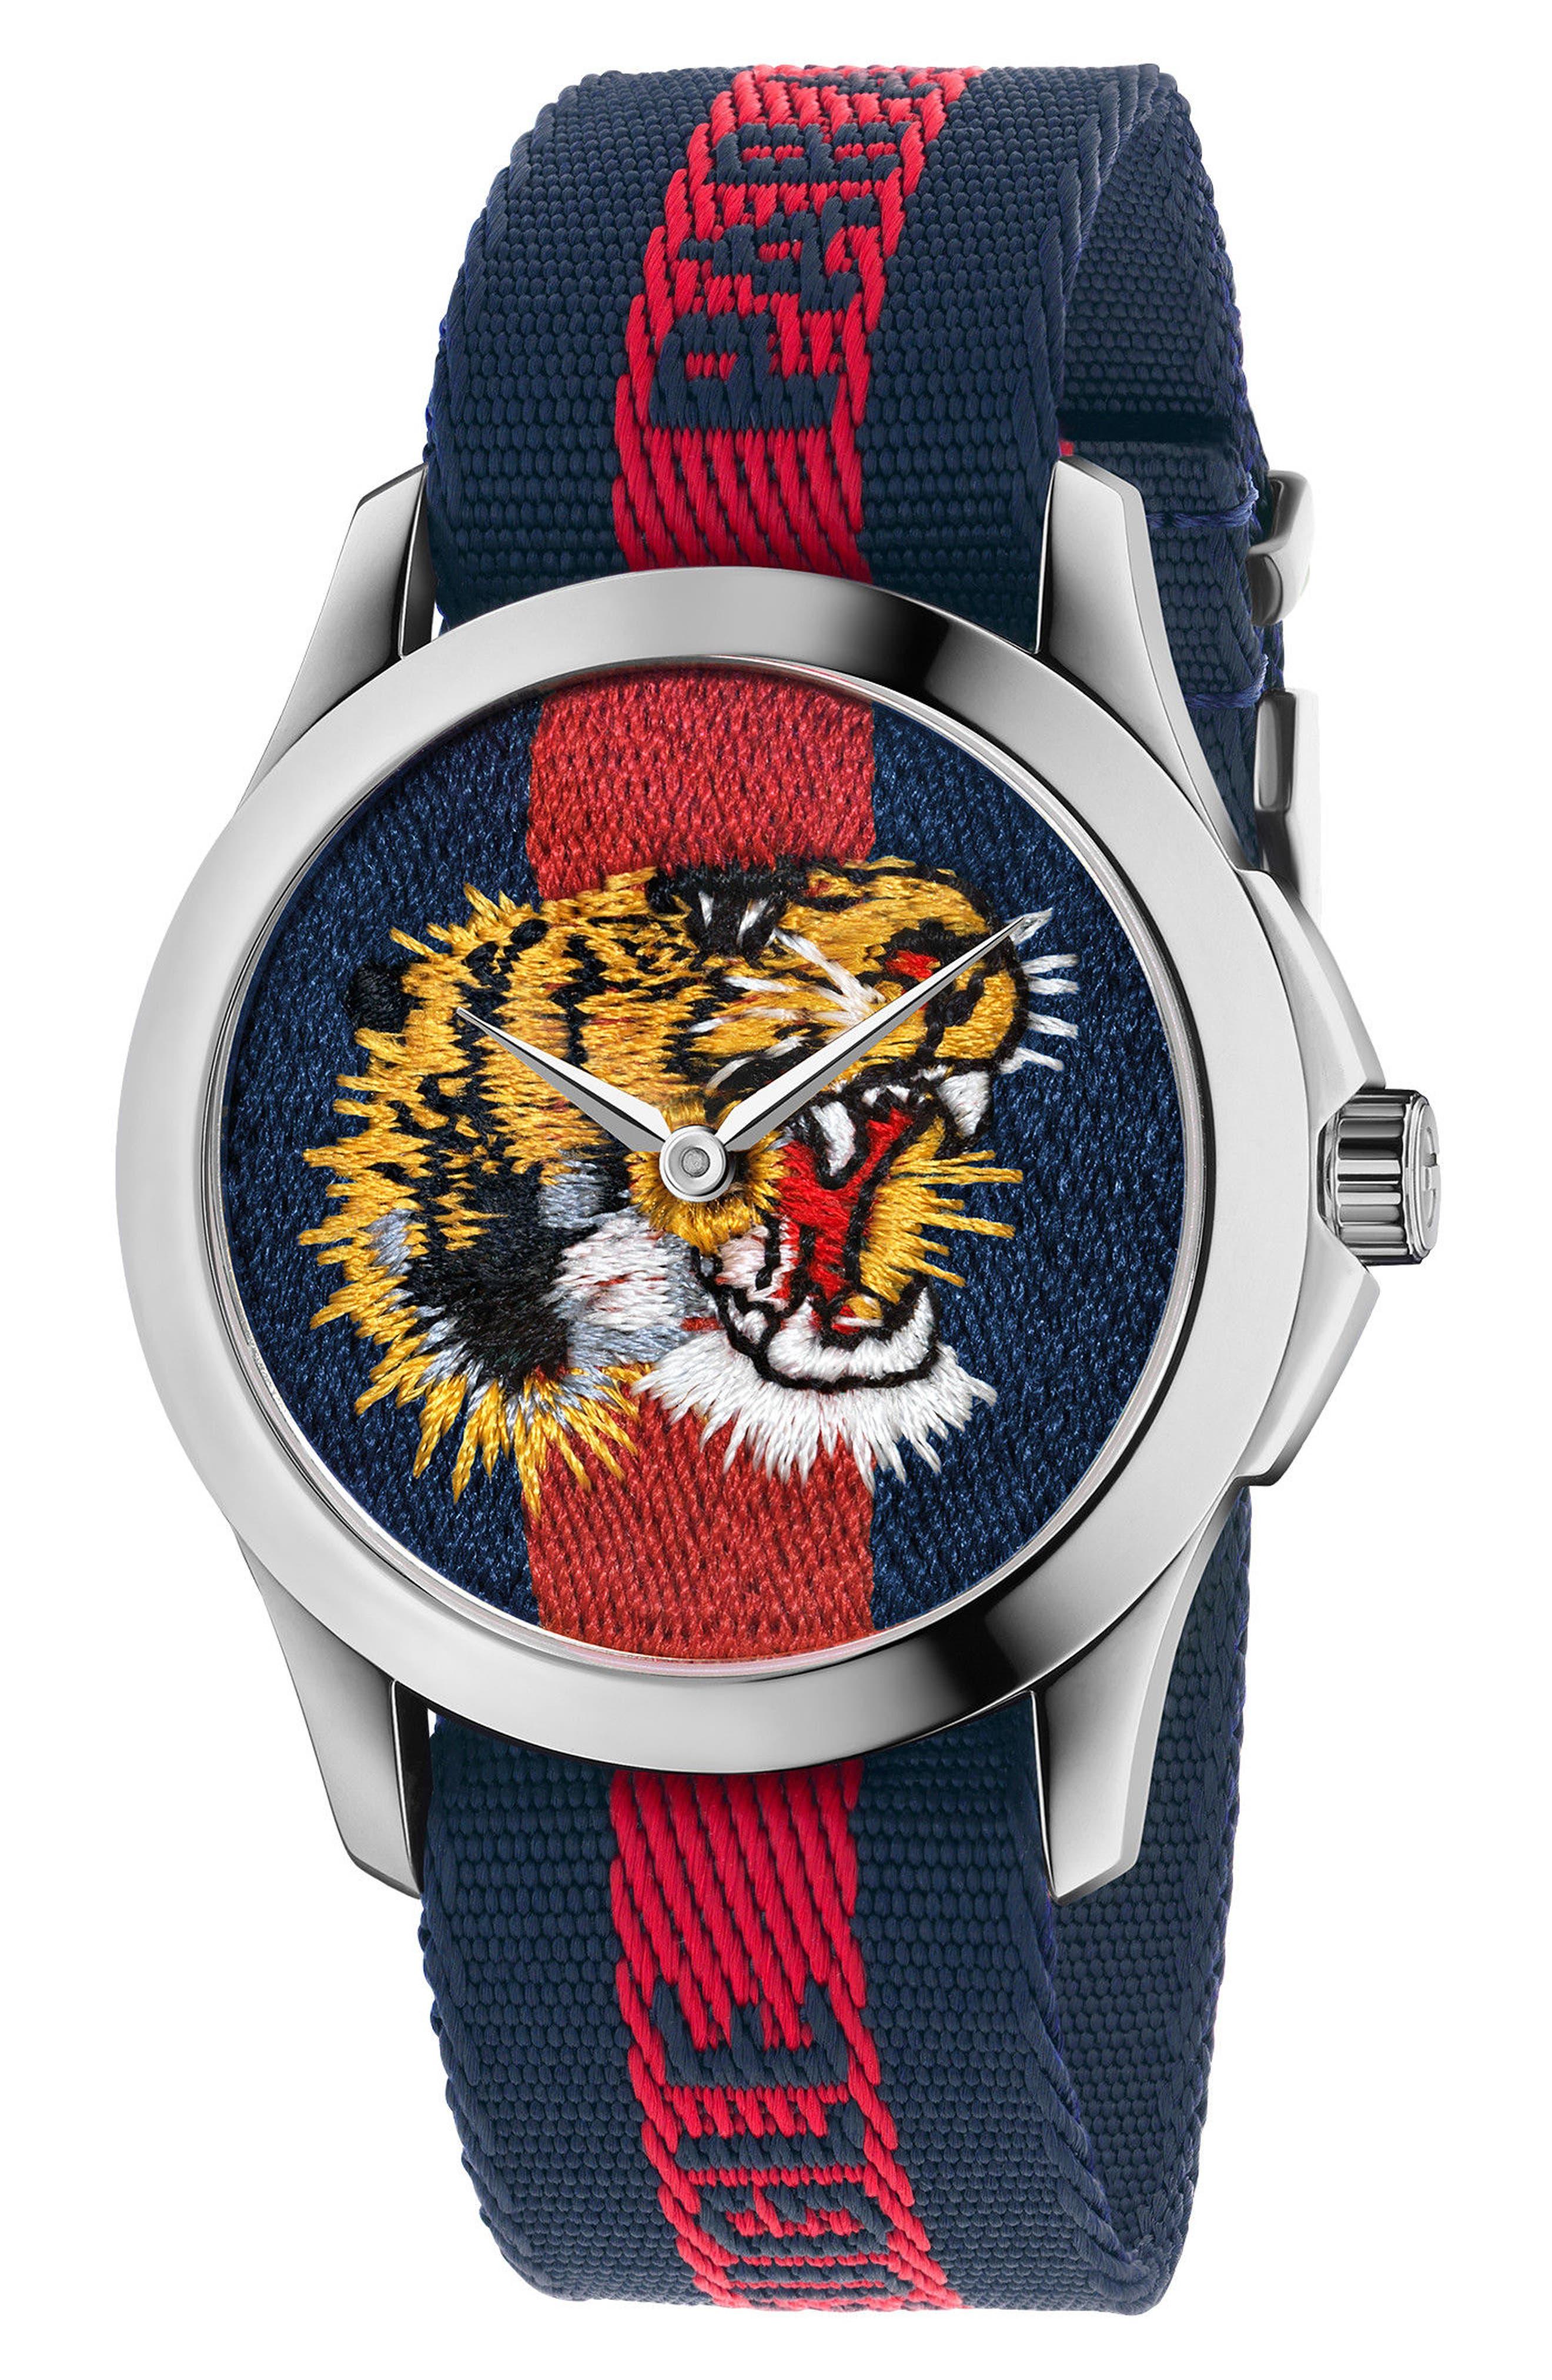 Main Image - Gucci Le Marché Des Merveilles Nylon Strap Watch, 38mm